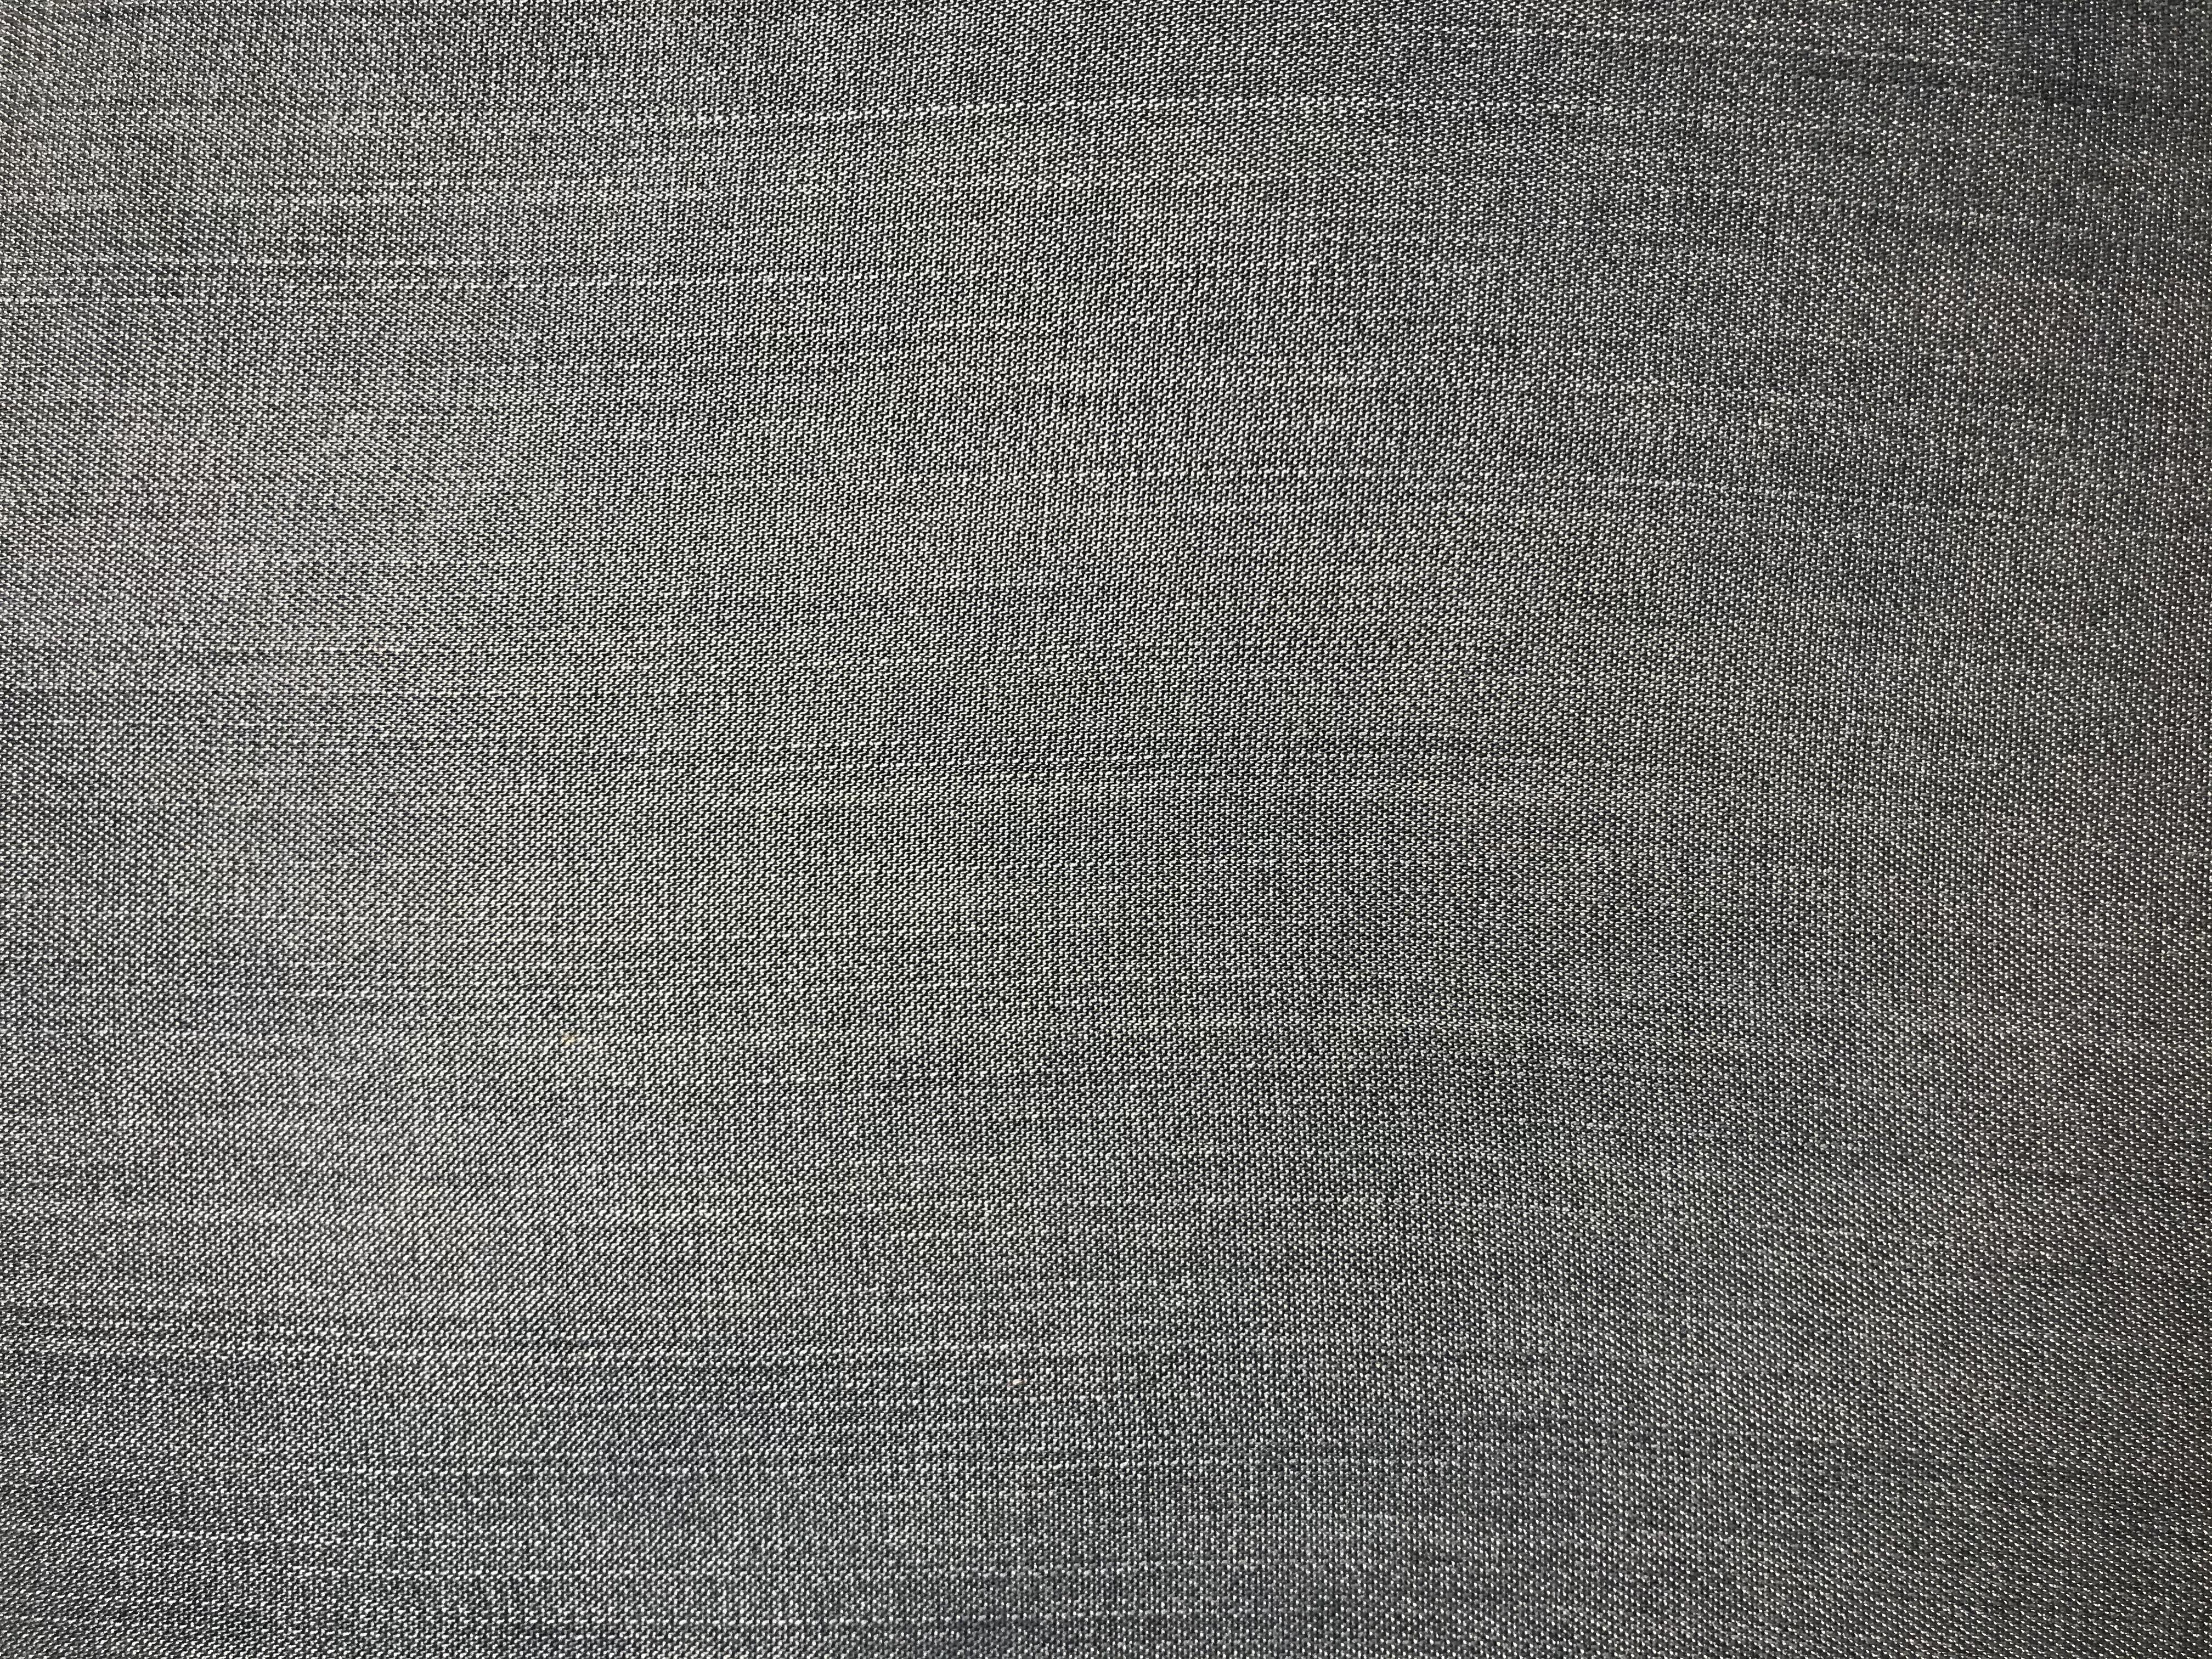 B28 cotton